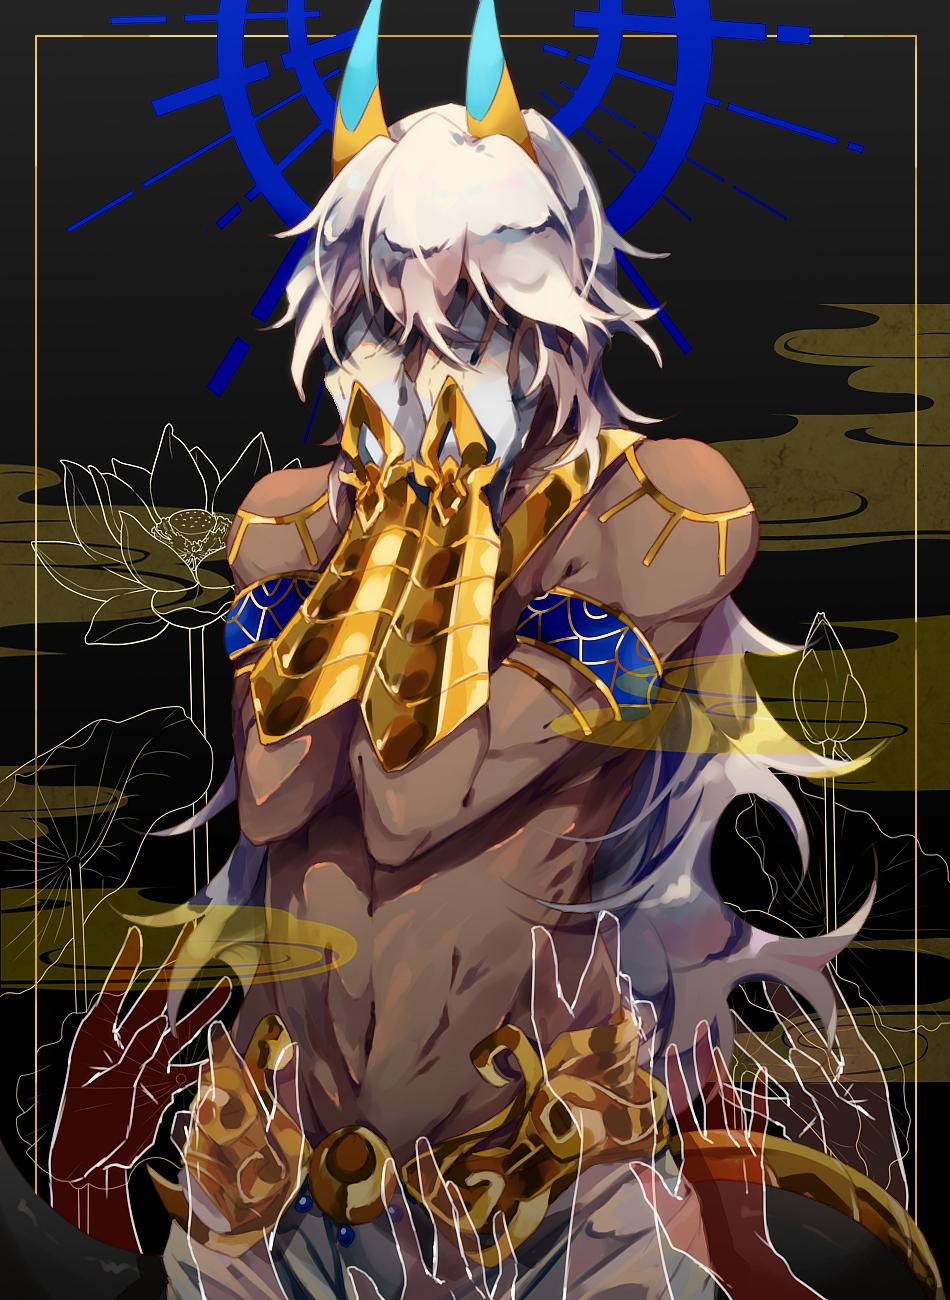 Arjuna Alter【Fate/Grand Order】 em 2020